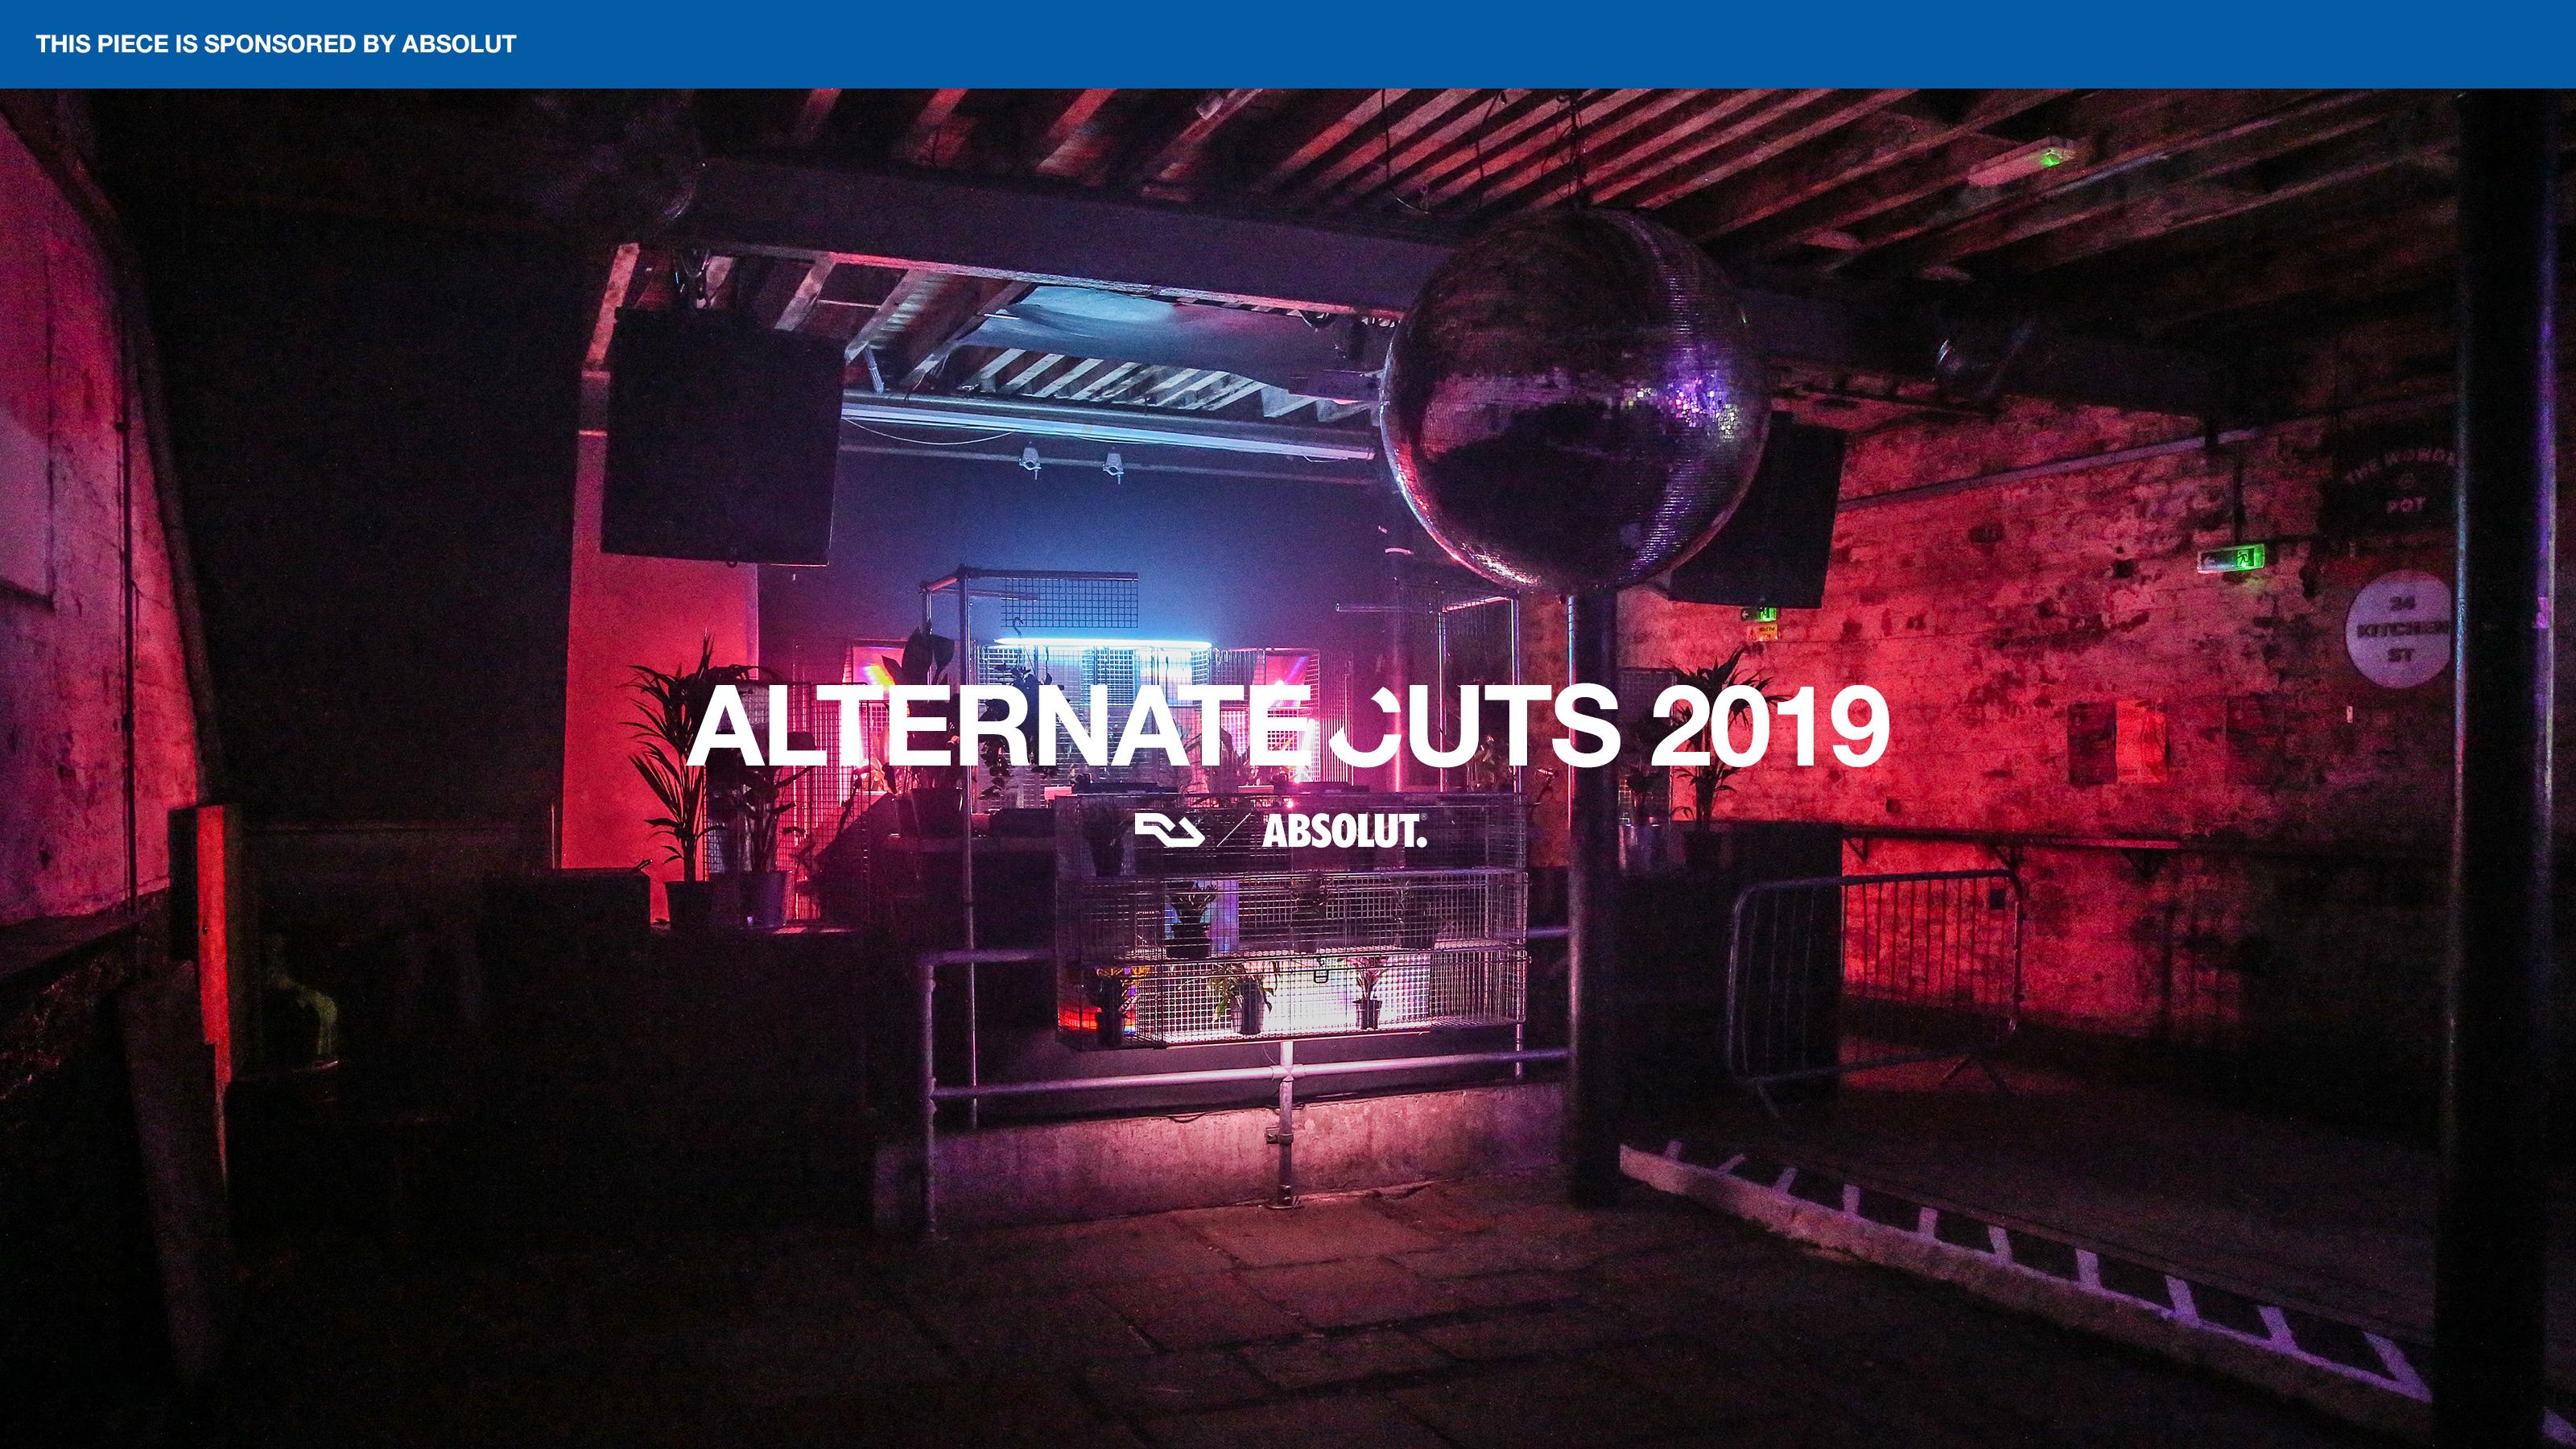 Alternate Cuts 2019